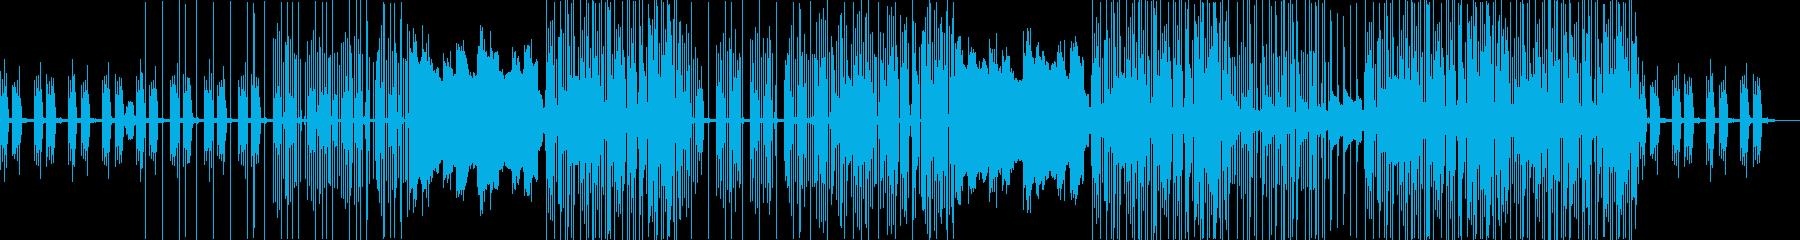 アリアナ風、ポップなトラップBGMの再生済みの波形